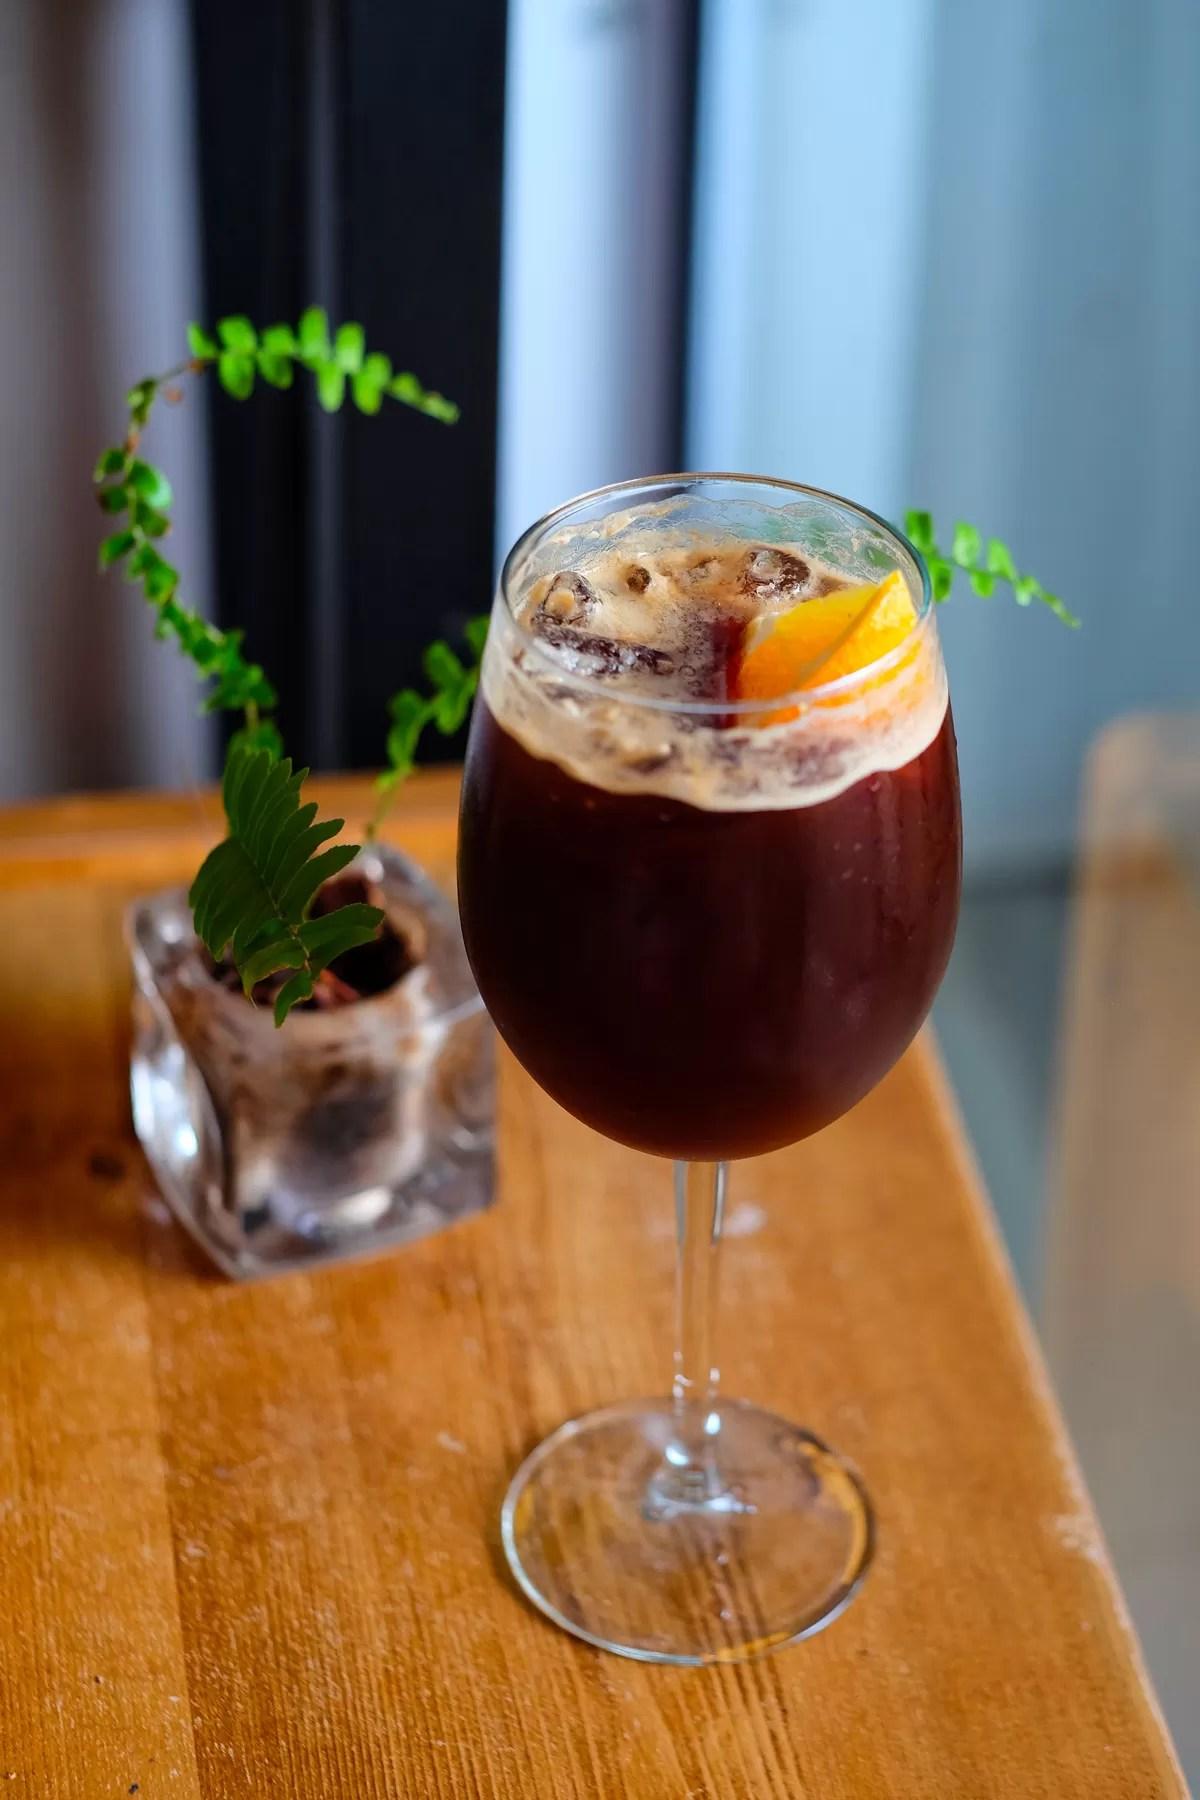 ricetta espresso tonic - cocktail analcolico a base di caffè e acqua tonica